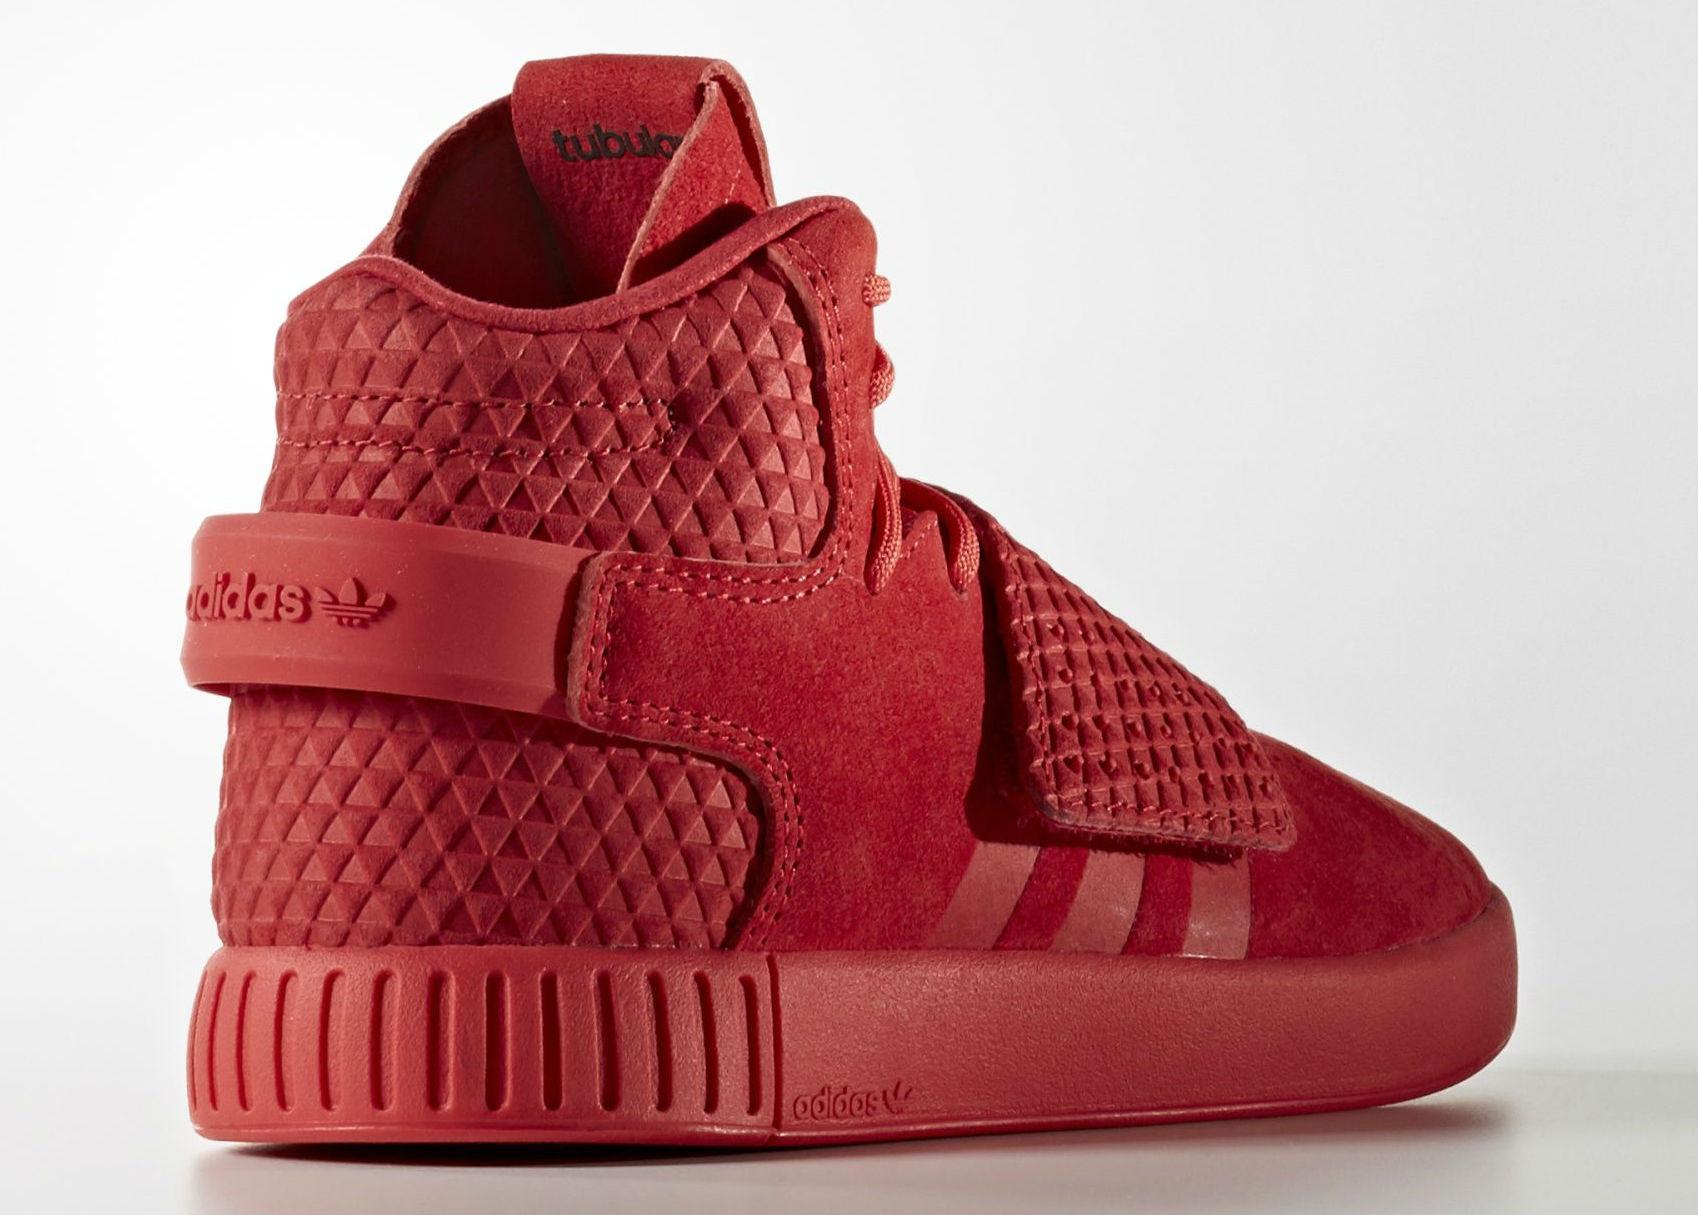 adidas-Tubular-Invader-Red-October-4